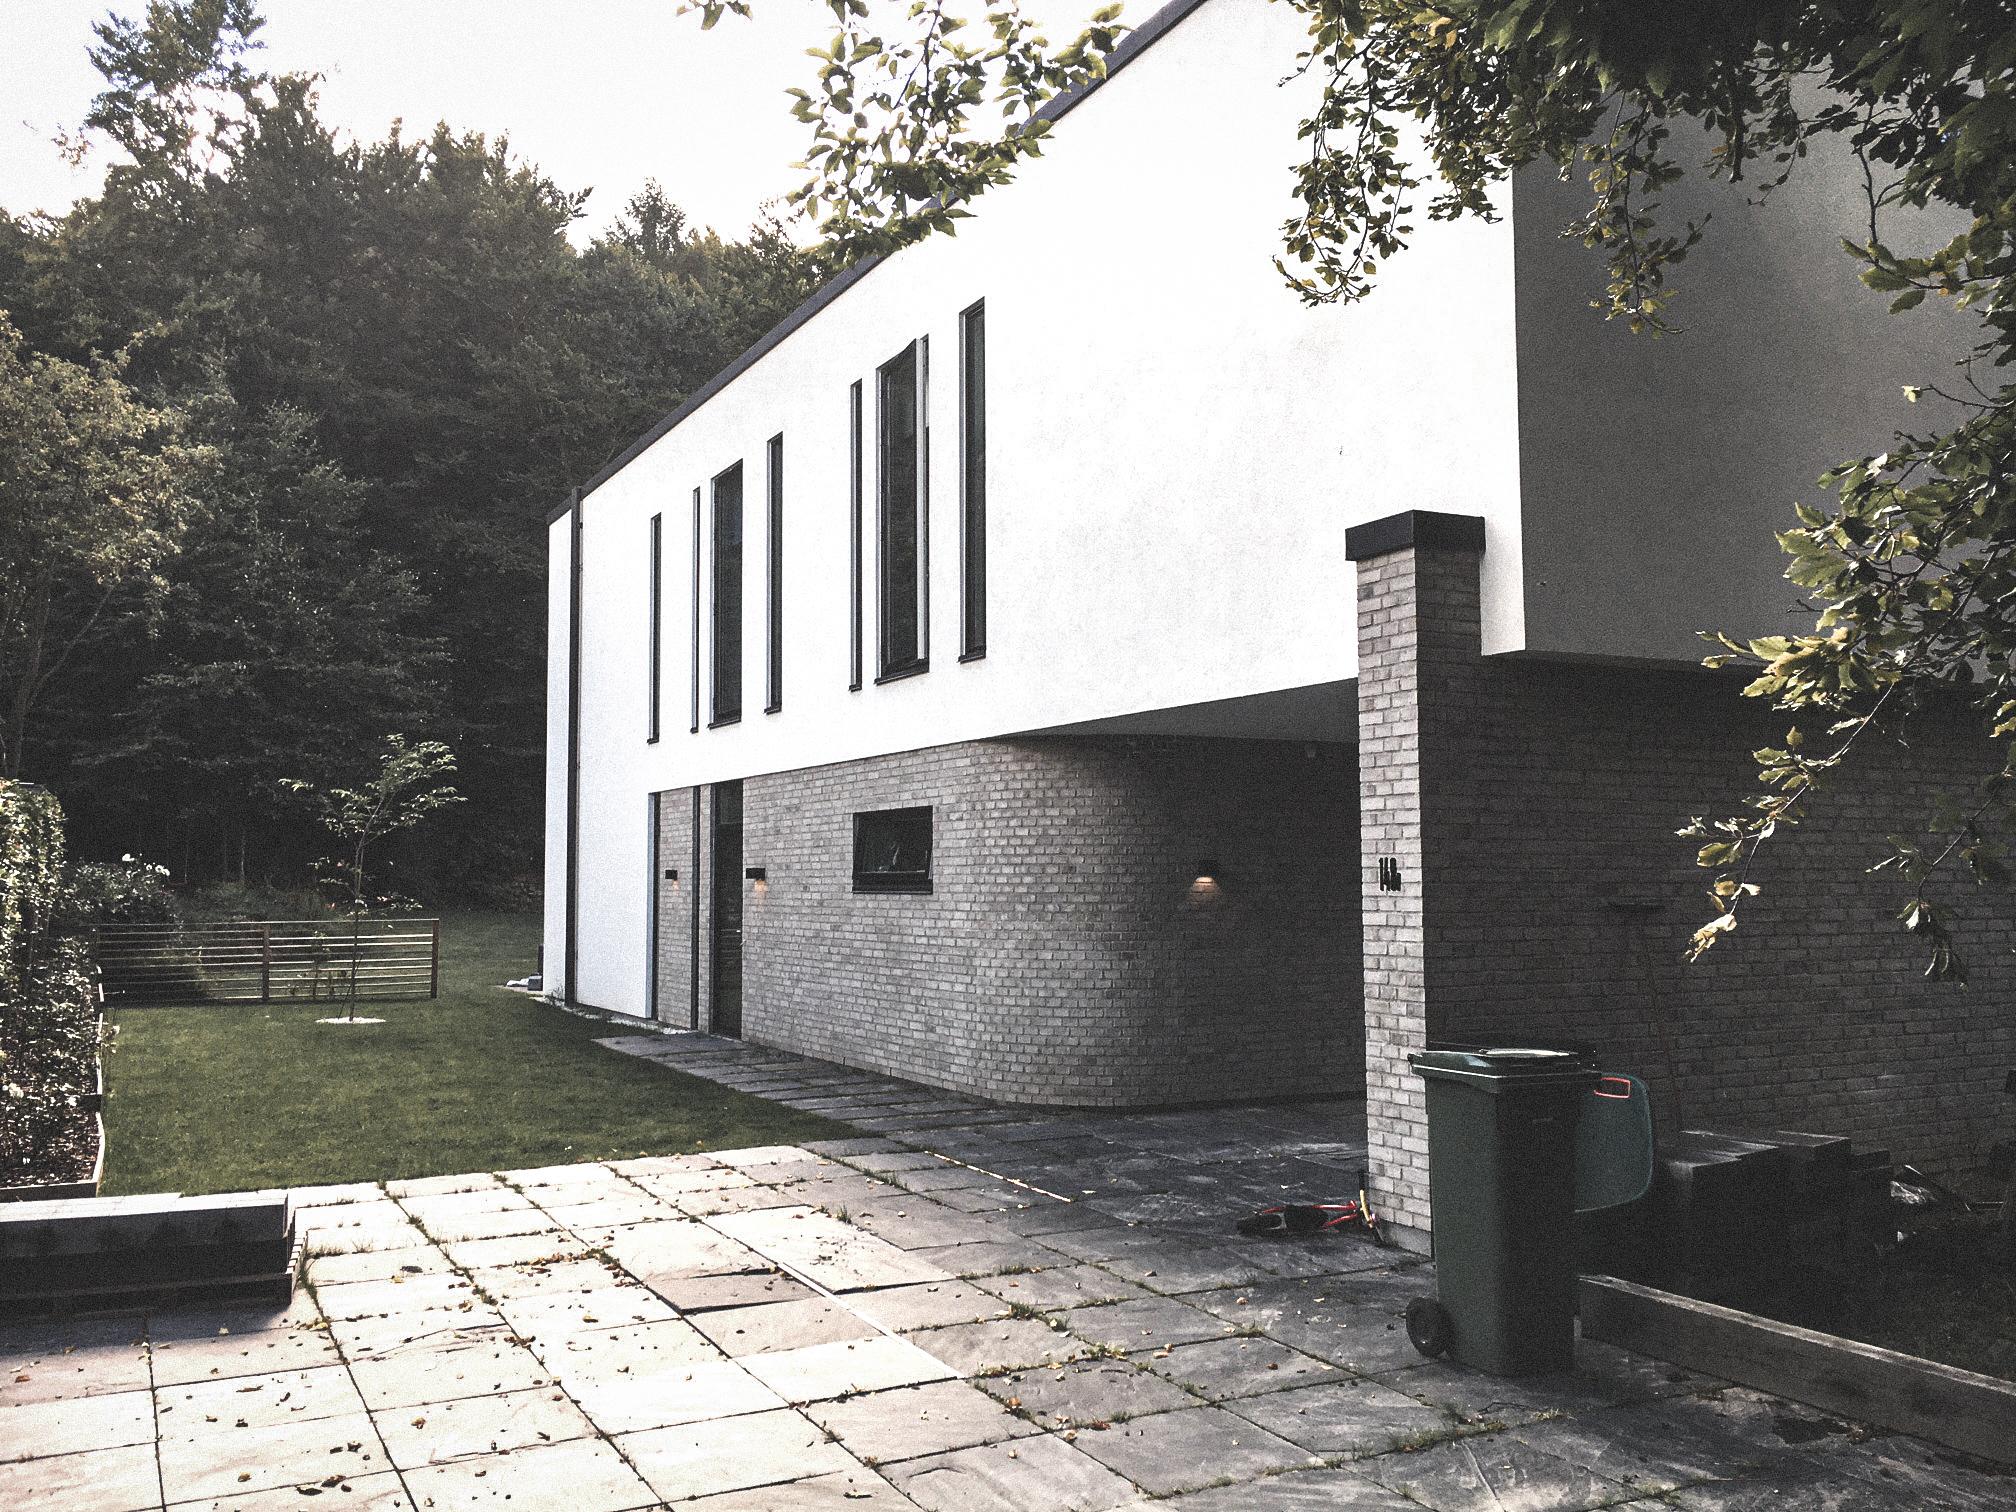 Billede af villa i Holte efter indflytning, tegnet af arkitektfirmaet m2plus.